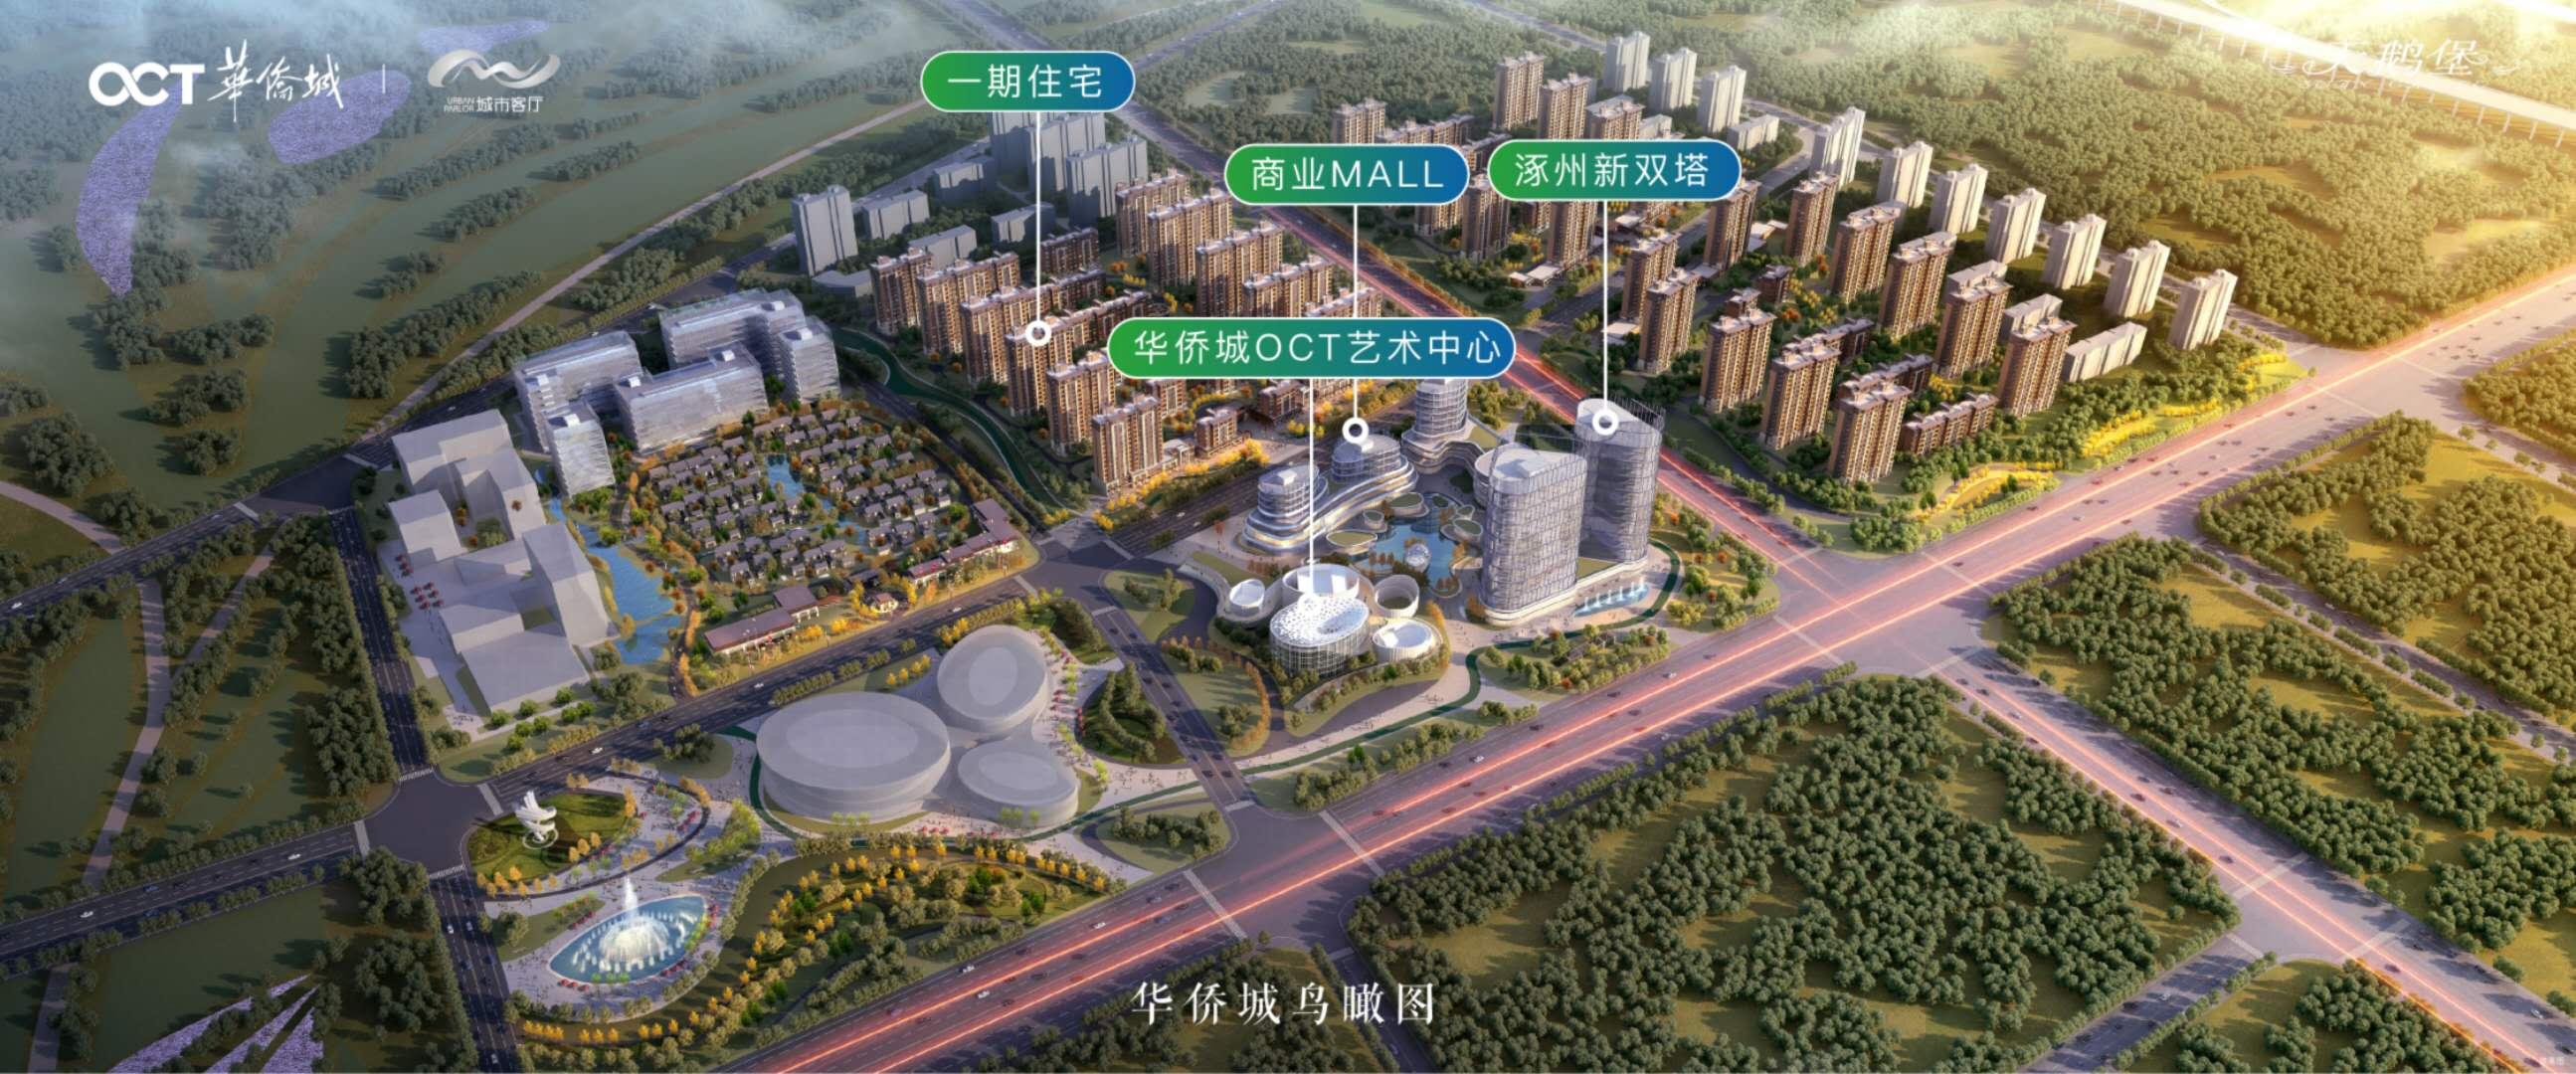 涿州华侨城规划沙盘图